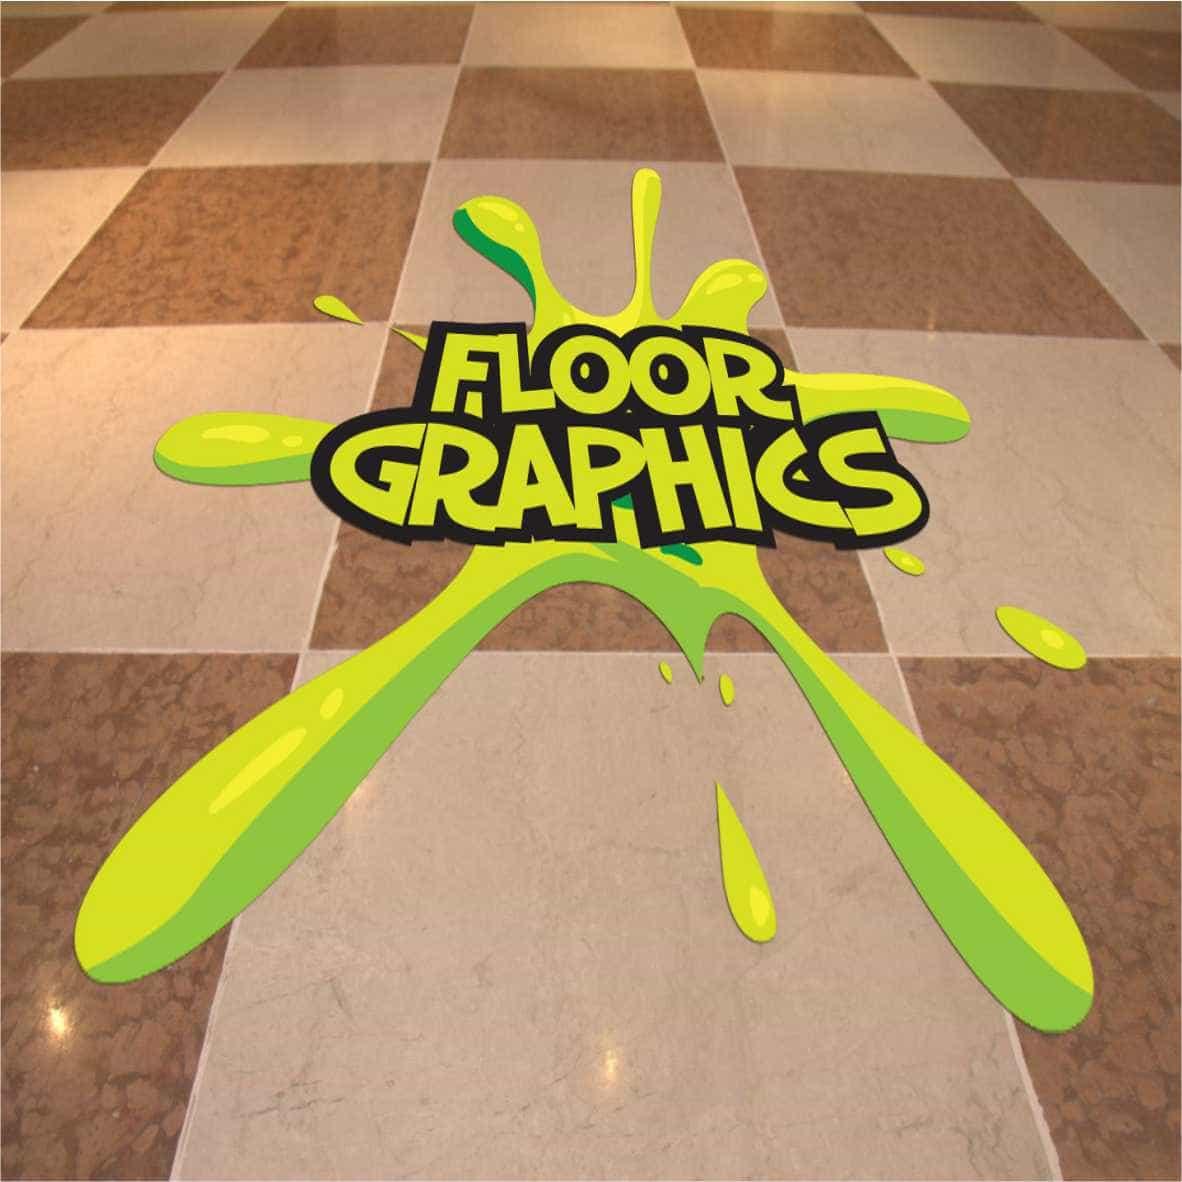 Floor graphics parrot